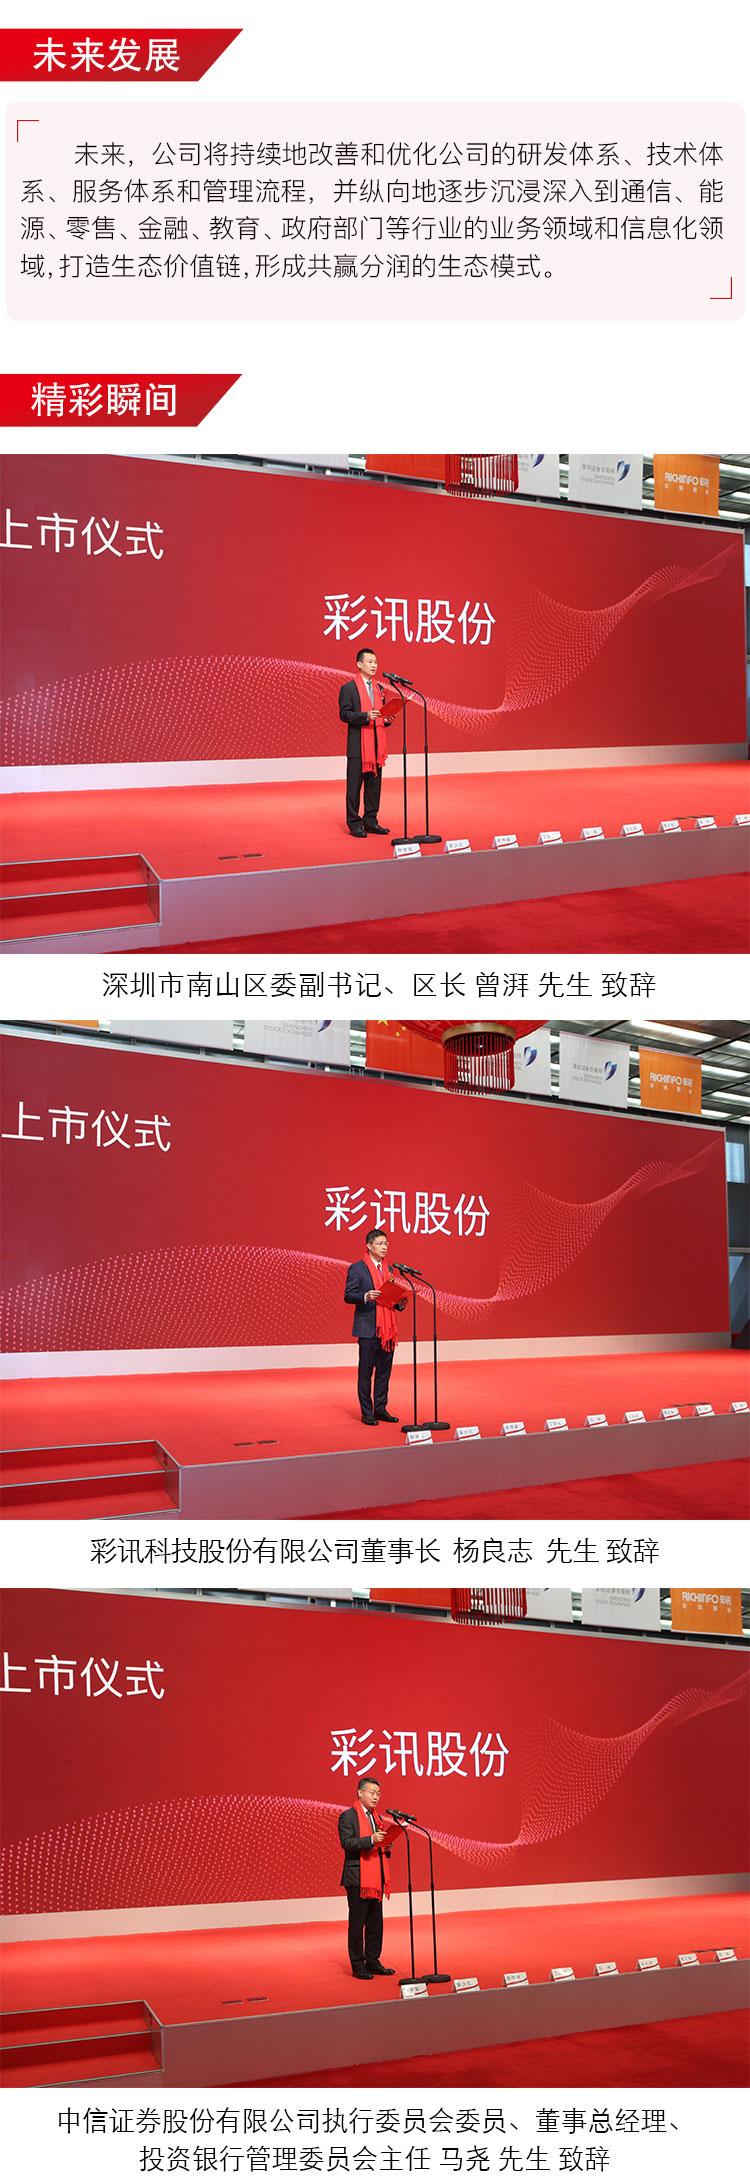 彩讯上市海报_05.jpg